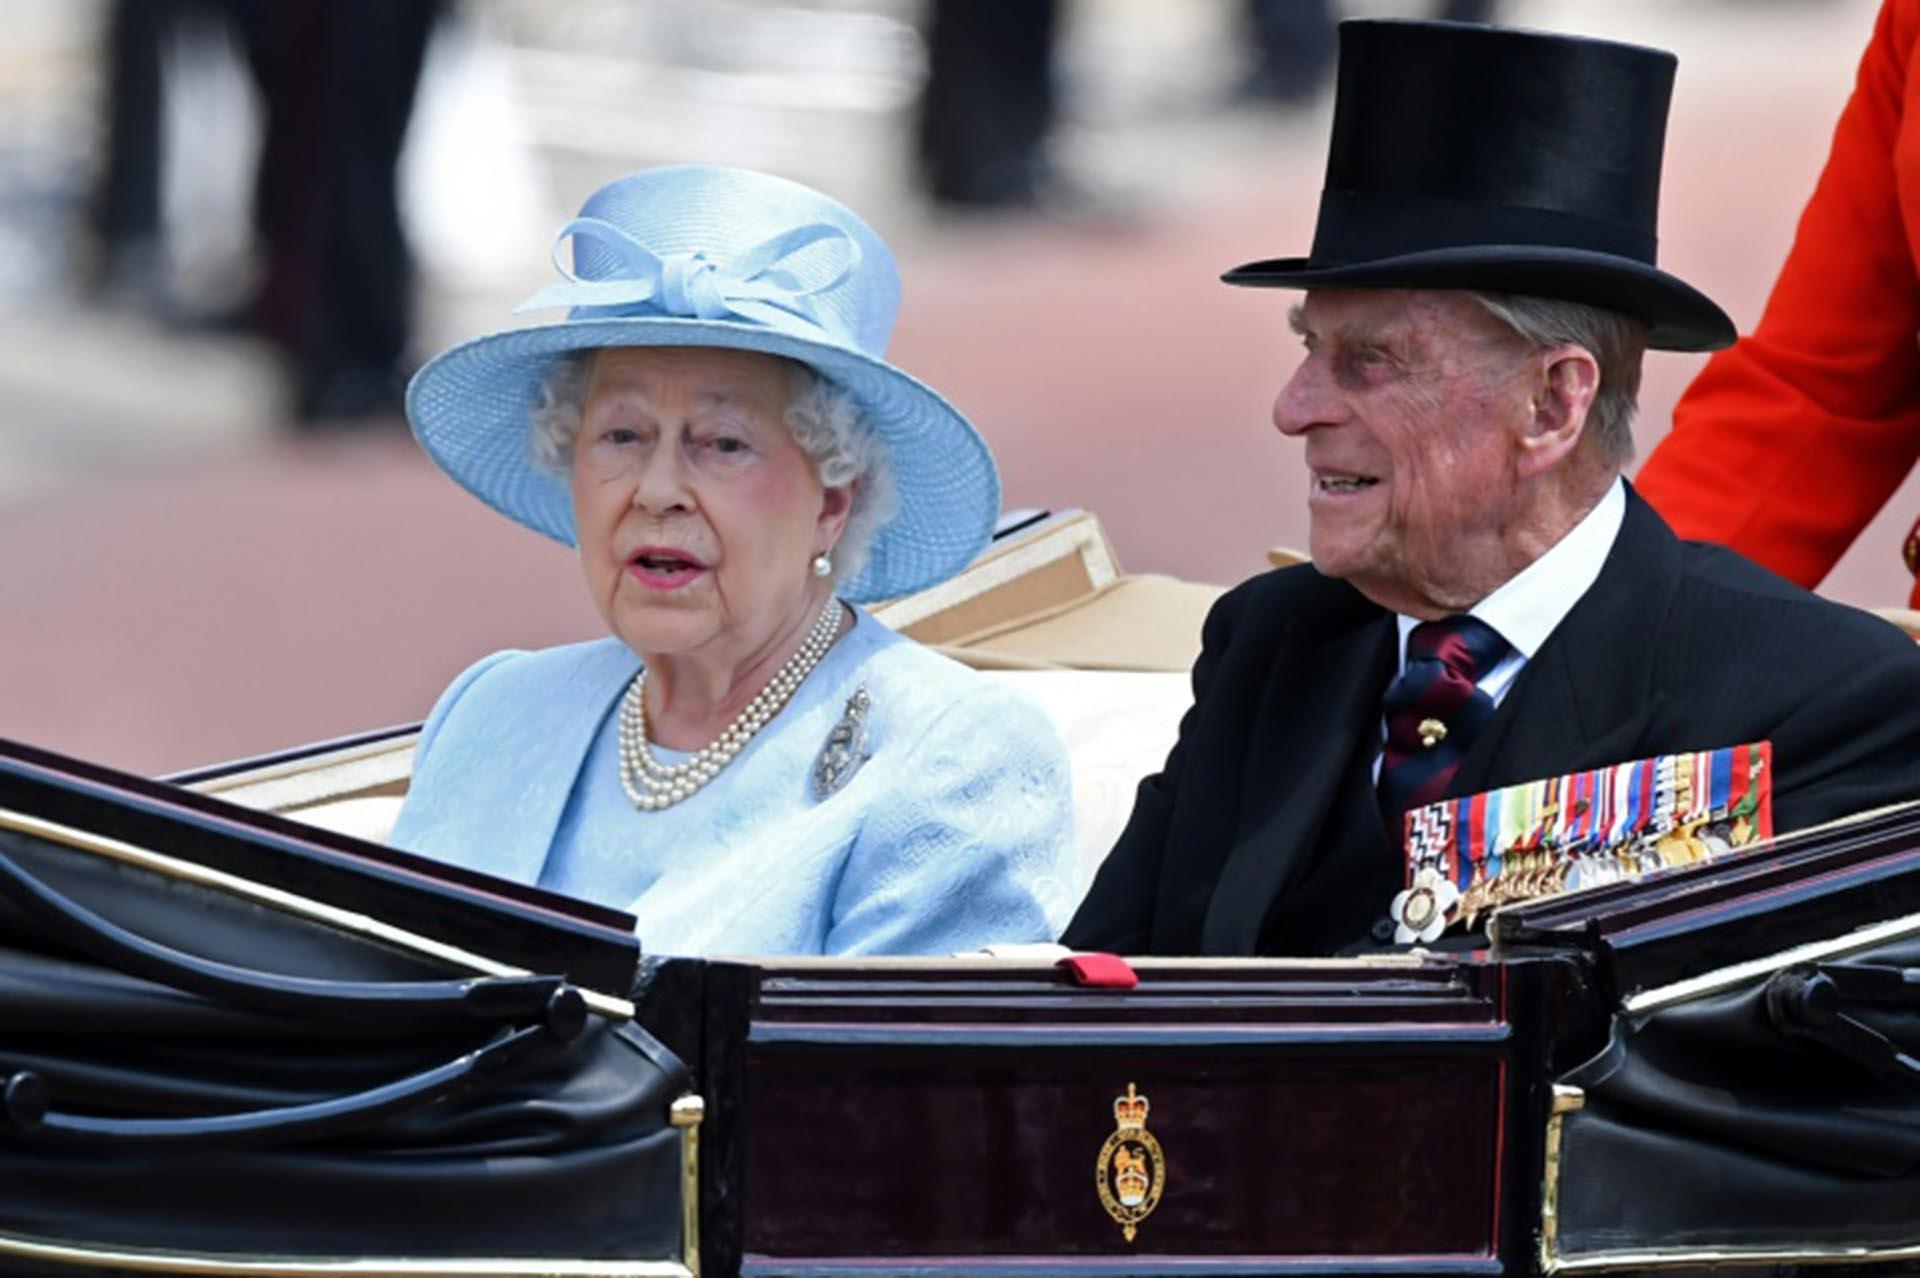 La reina Isabel II de Inglaterra y el príncipe Felipe, duque de Edimburgo, el 17 de junio de 2017 durante un paseo en carruaje de caballos en el Palacio de Buckingham, en Londres (AFP/Archivos – Chris J Ratcliffe)